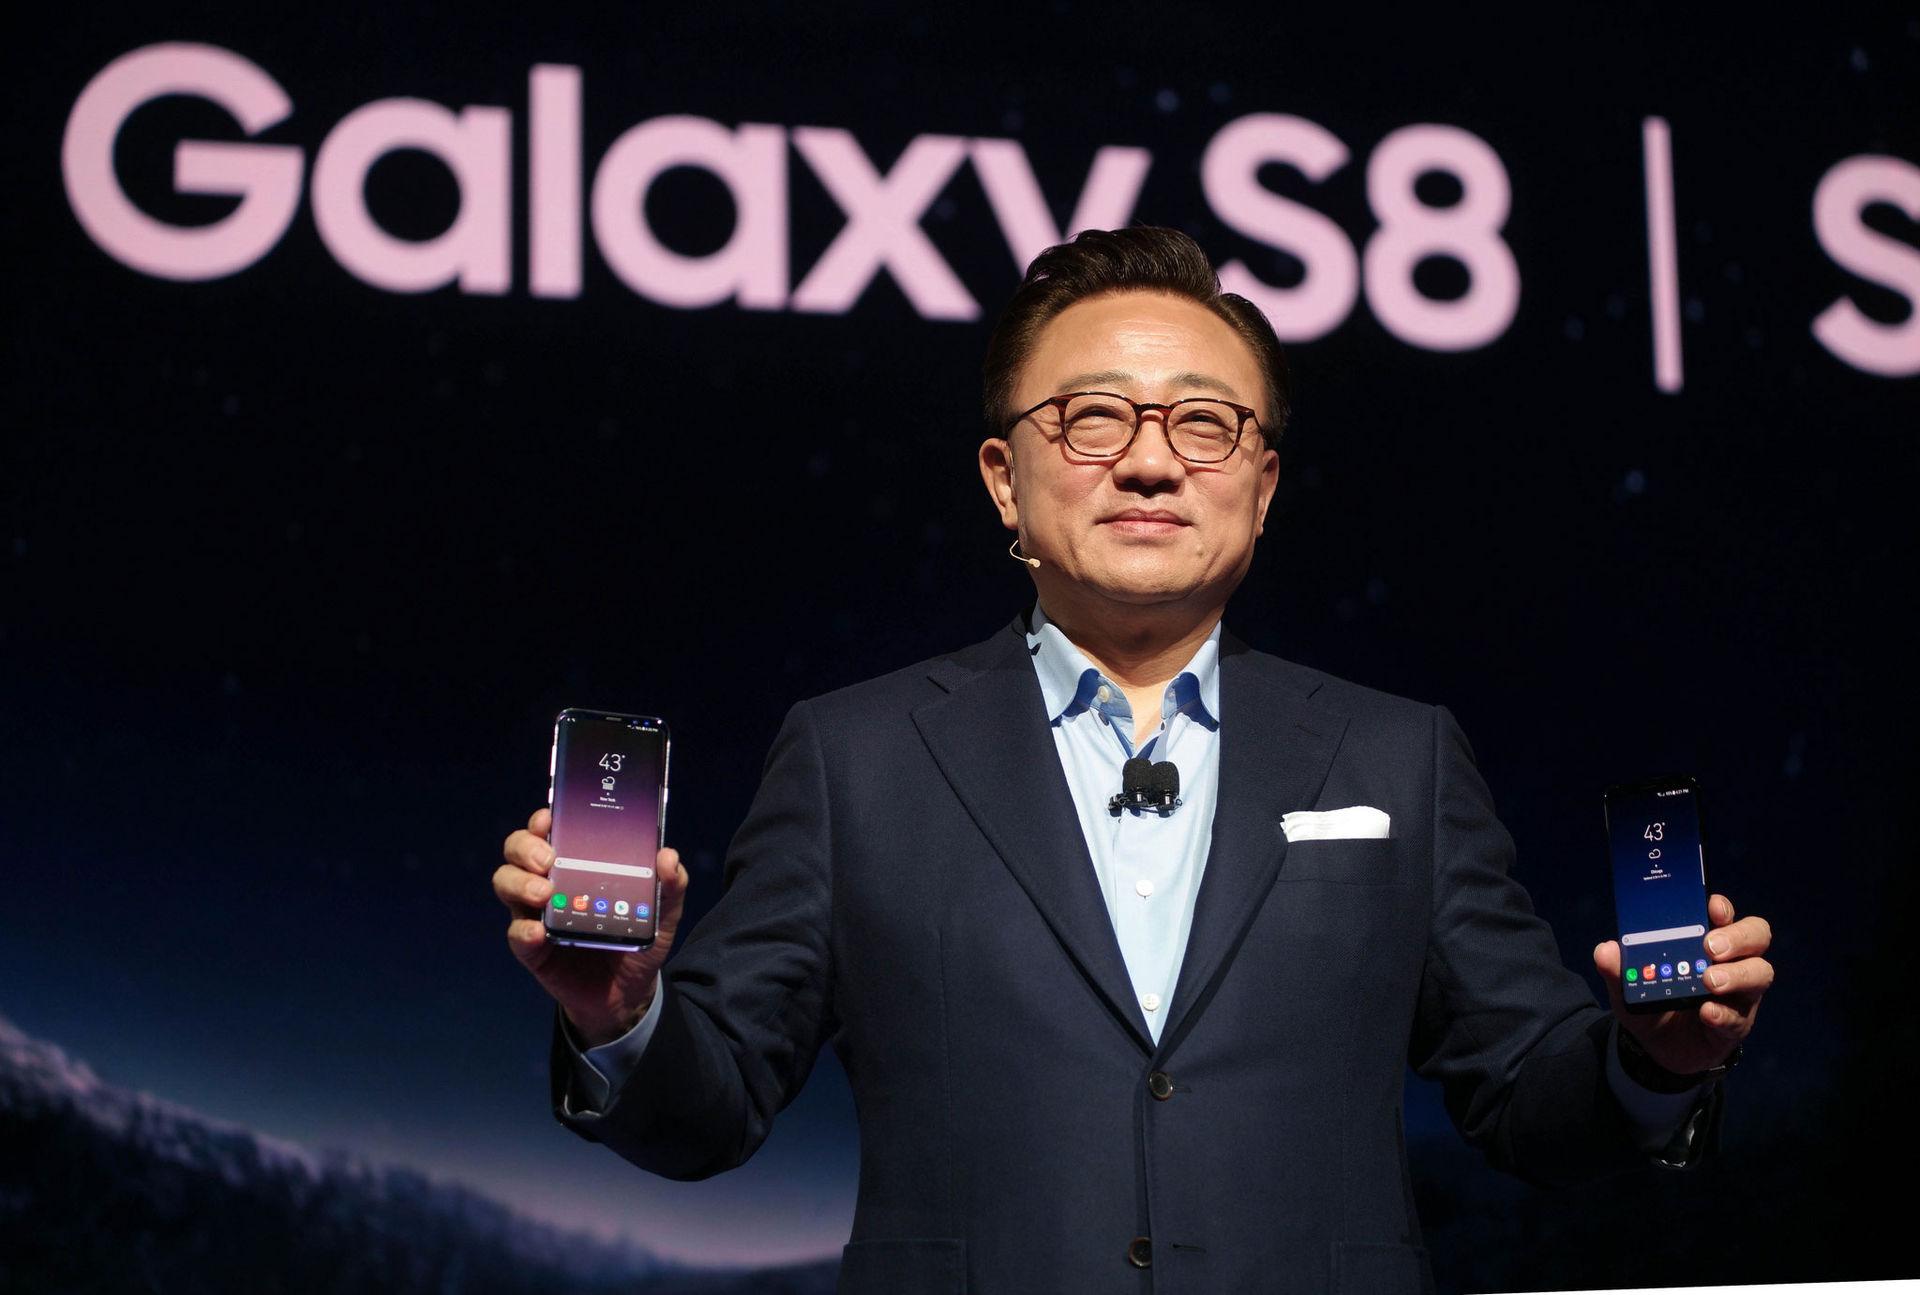 Här är Samsung Galaxy S8!